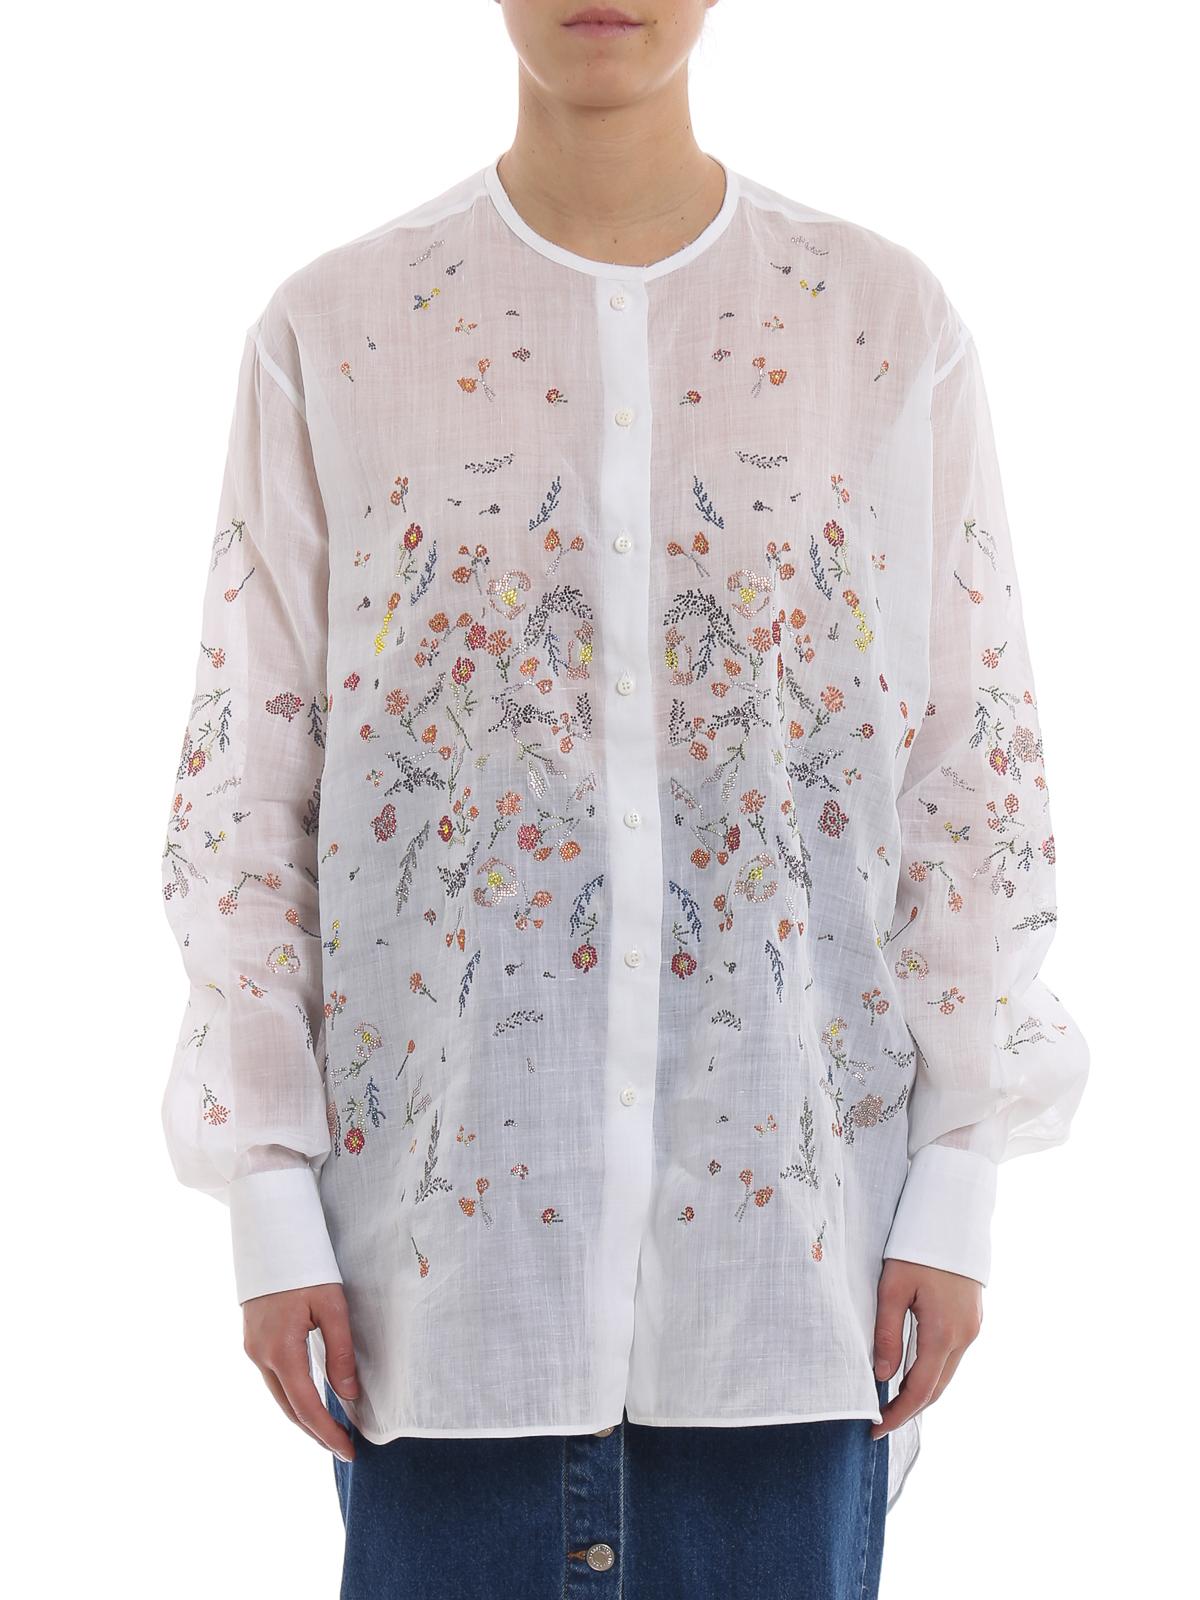 8887e7d166 Ermanno Scervino - Camicia in ramia con applicazioni floreali ...